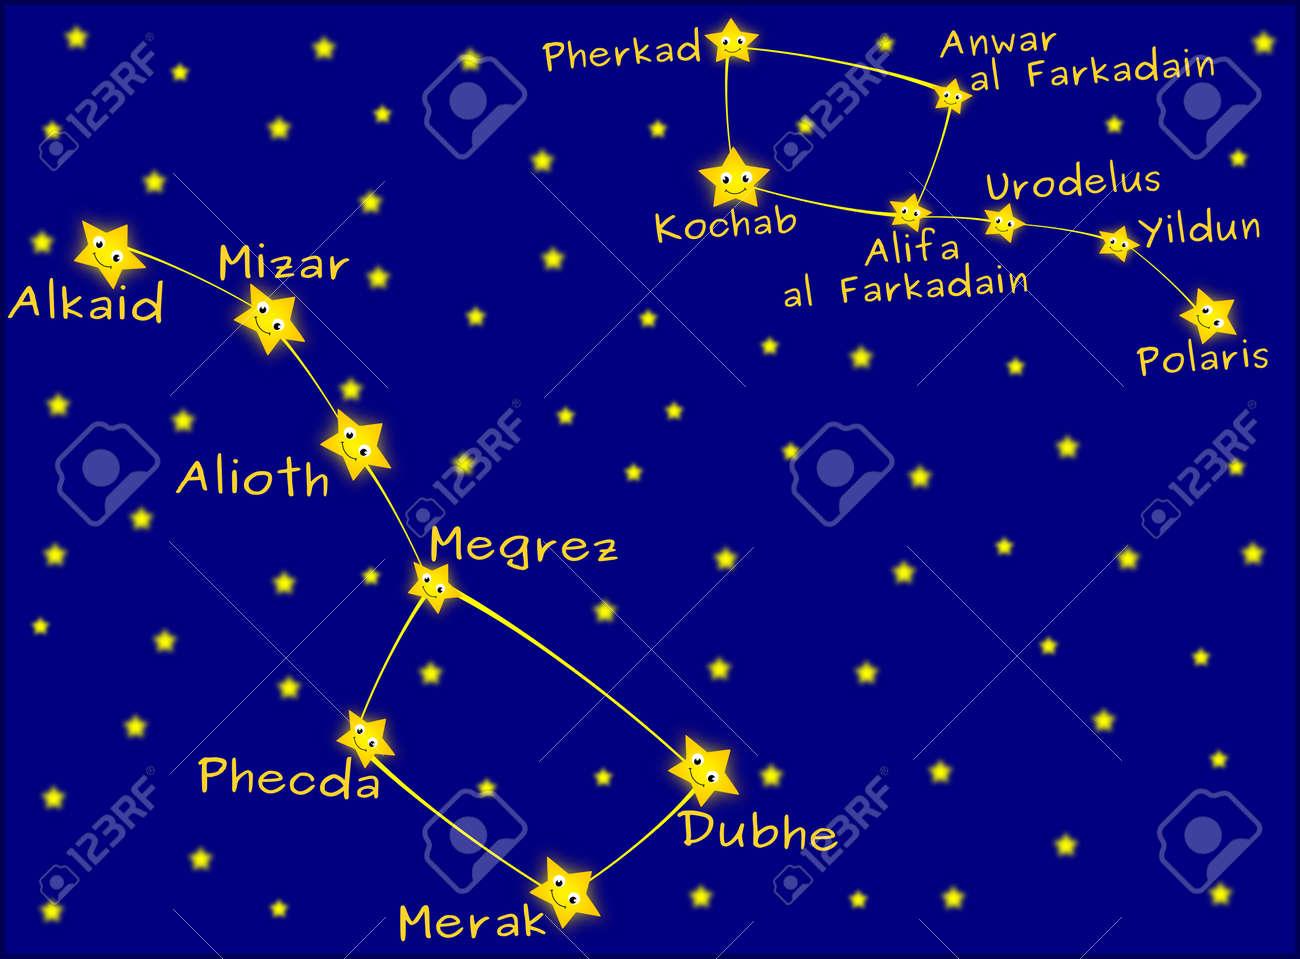 おおぐま座とこぐま座の星座 の写真素材・画像素材 Image 63051796.